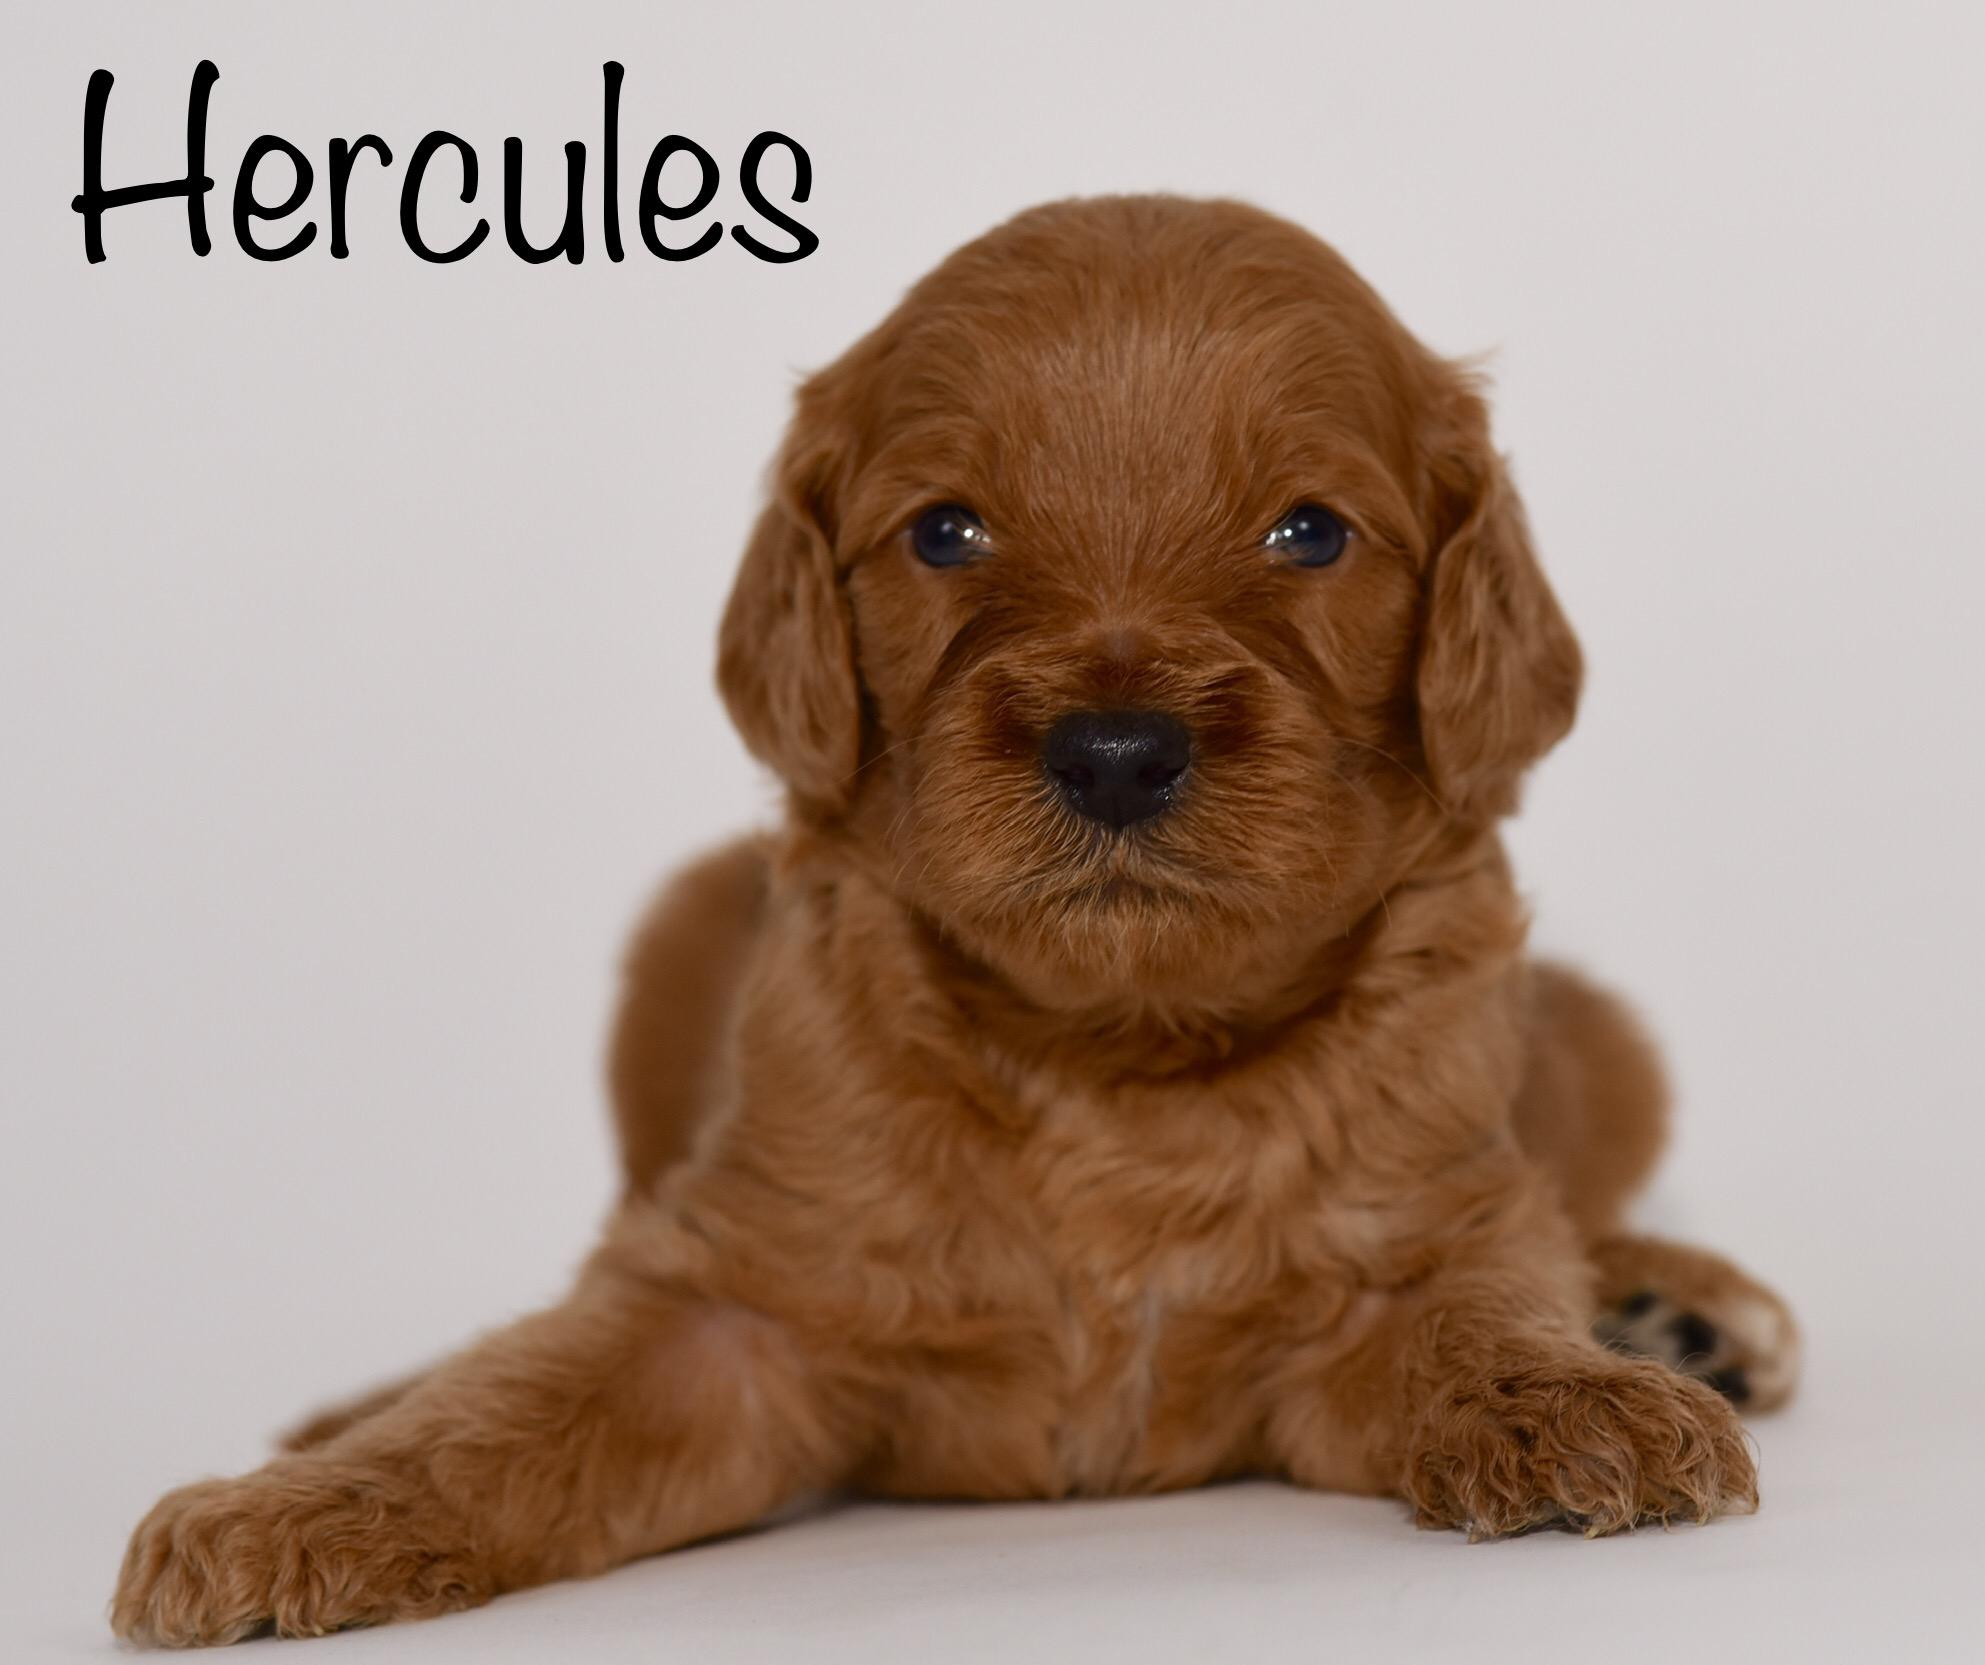 hercules3weeks.jpg